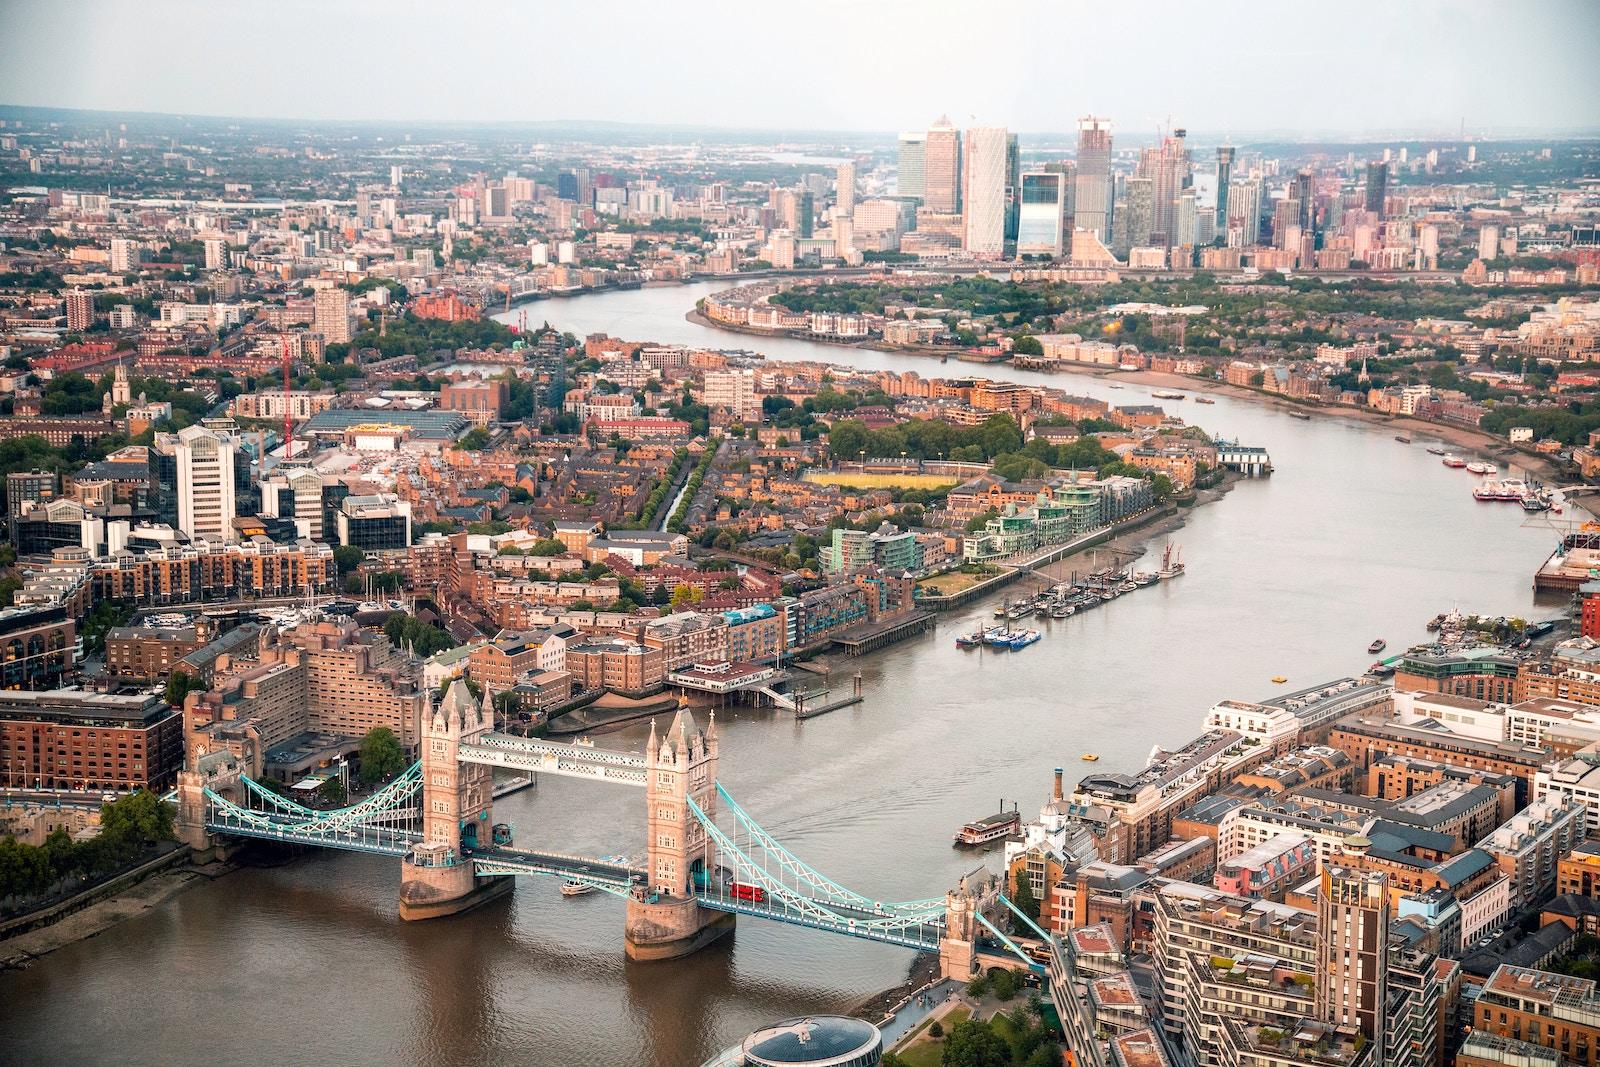 Jak uzyskać status osoby osiedlonej w Wielkiej Brytanii